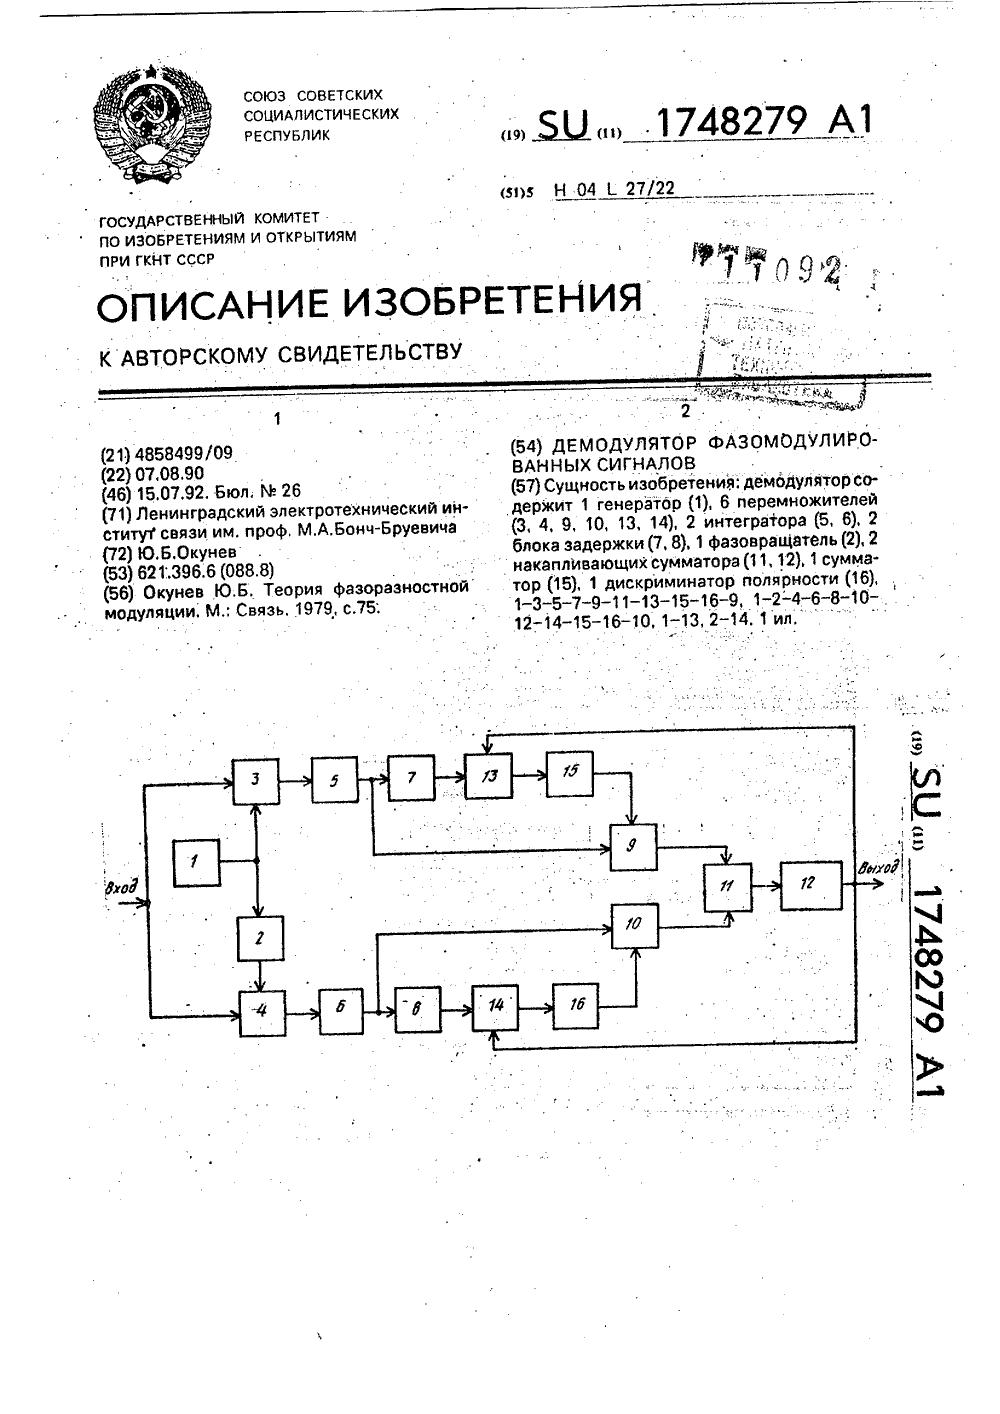 демодулятор офм сигнала схема структурная